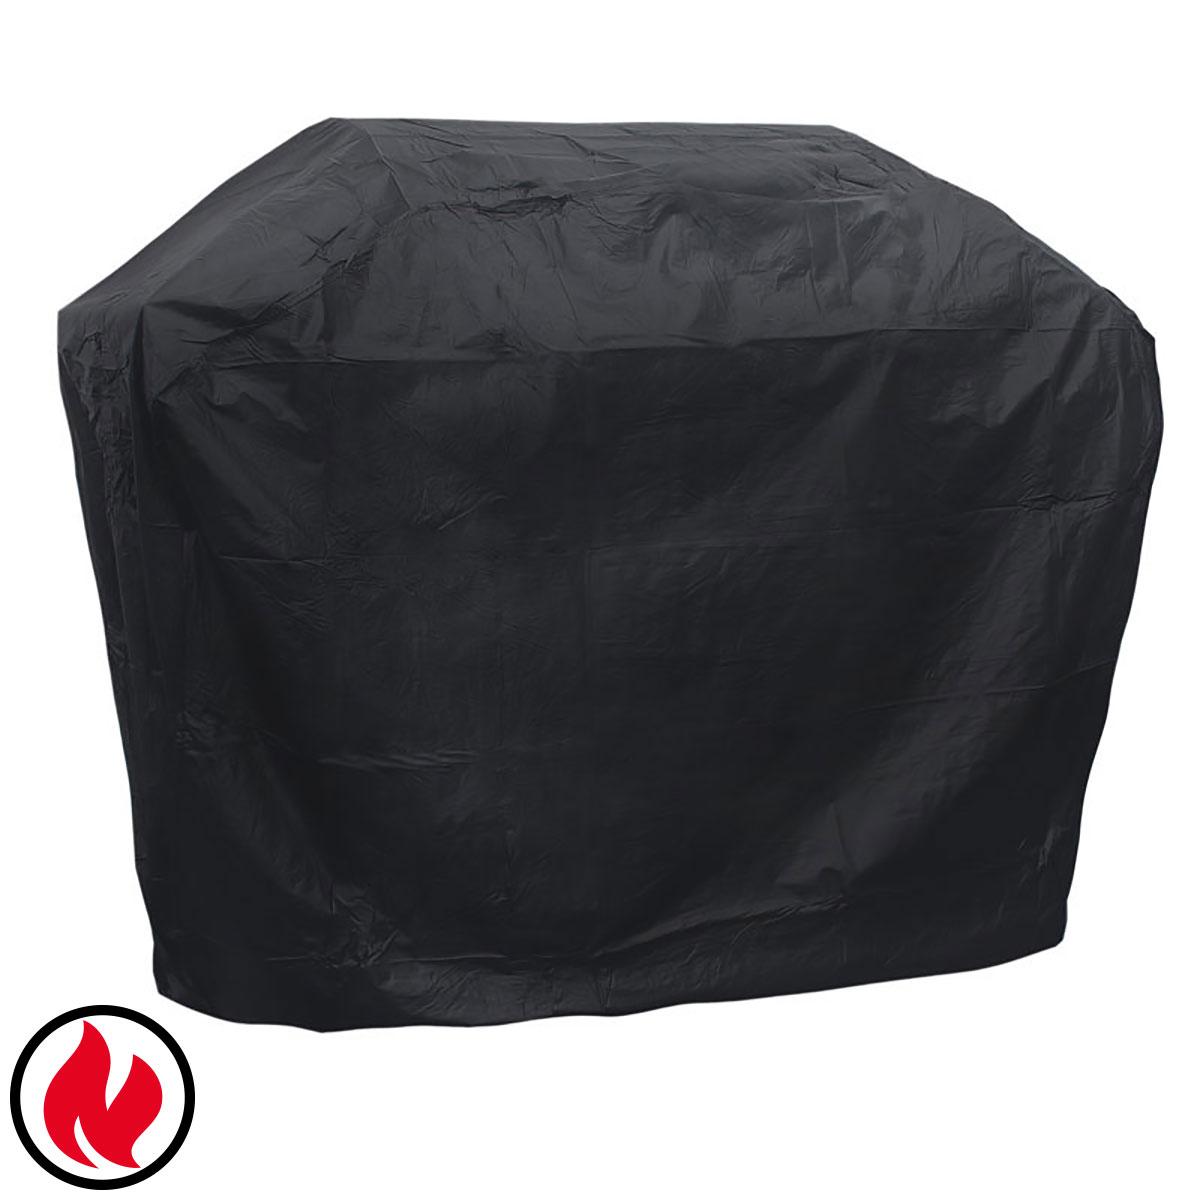 taino basic 3 1 smoker hero abdeckung grill bbq wetterschutz plane regenschutz ebay. Black Bedroom Furniture Sets. Home Design Ideas